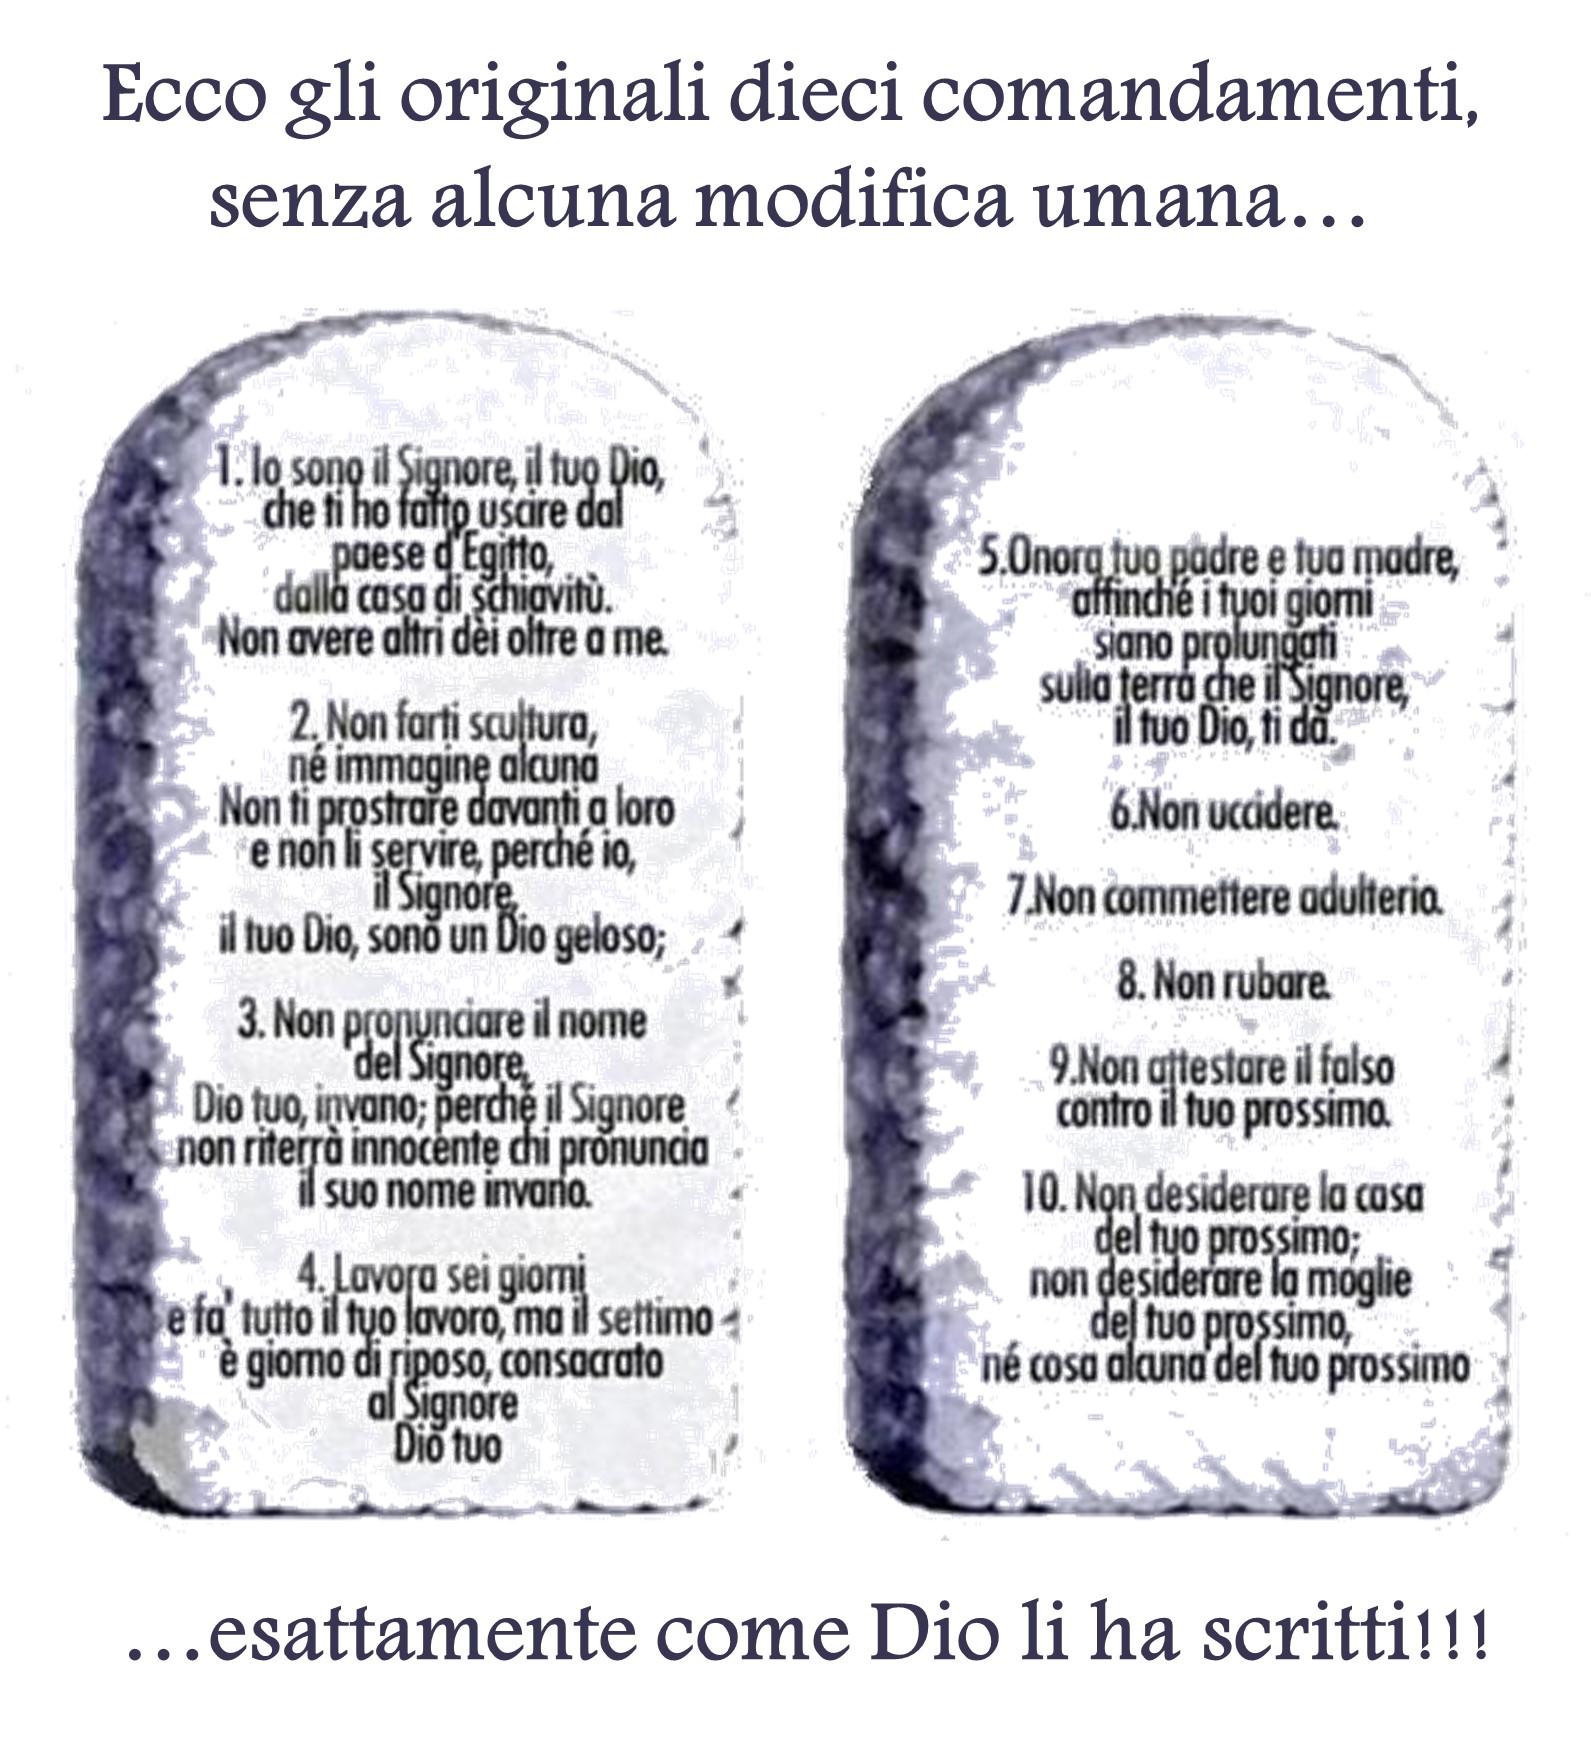 Cristiani evangelici e i dieci comandamenti dalla bibbia - Tavole dei dieci comandamenti ...